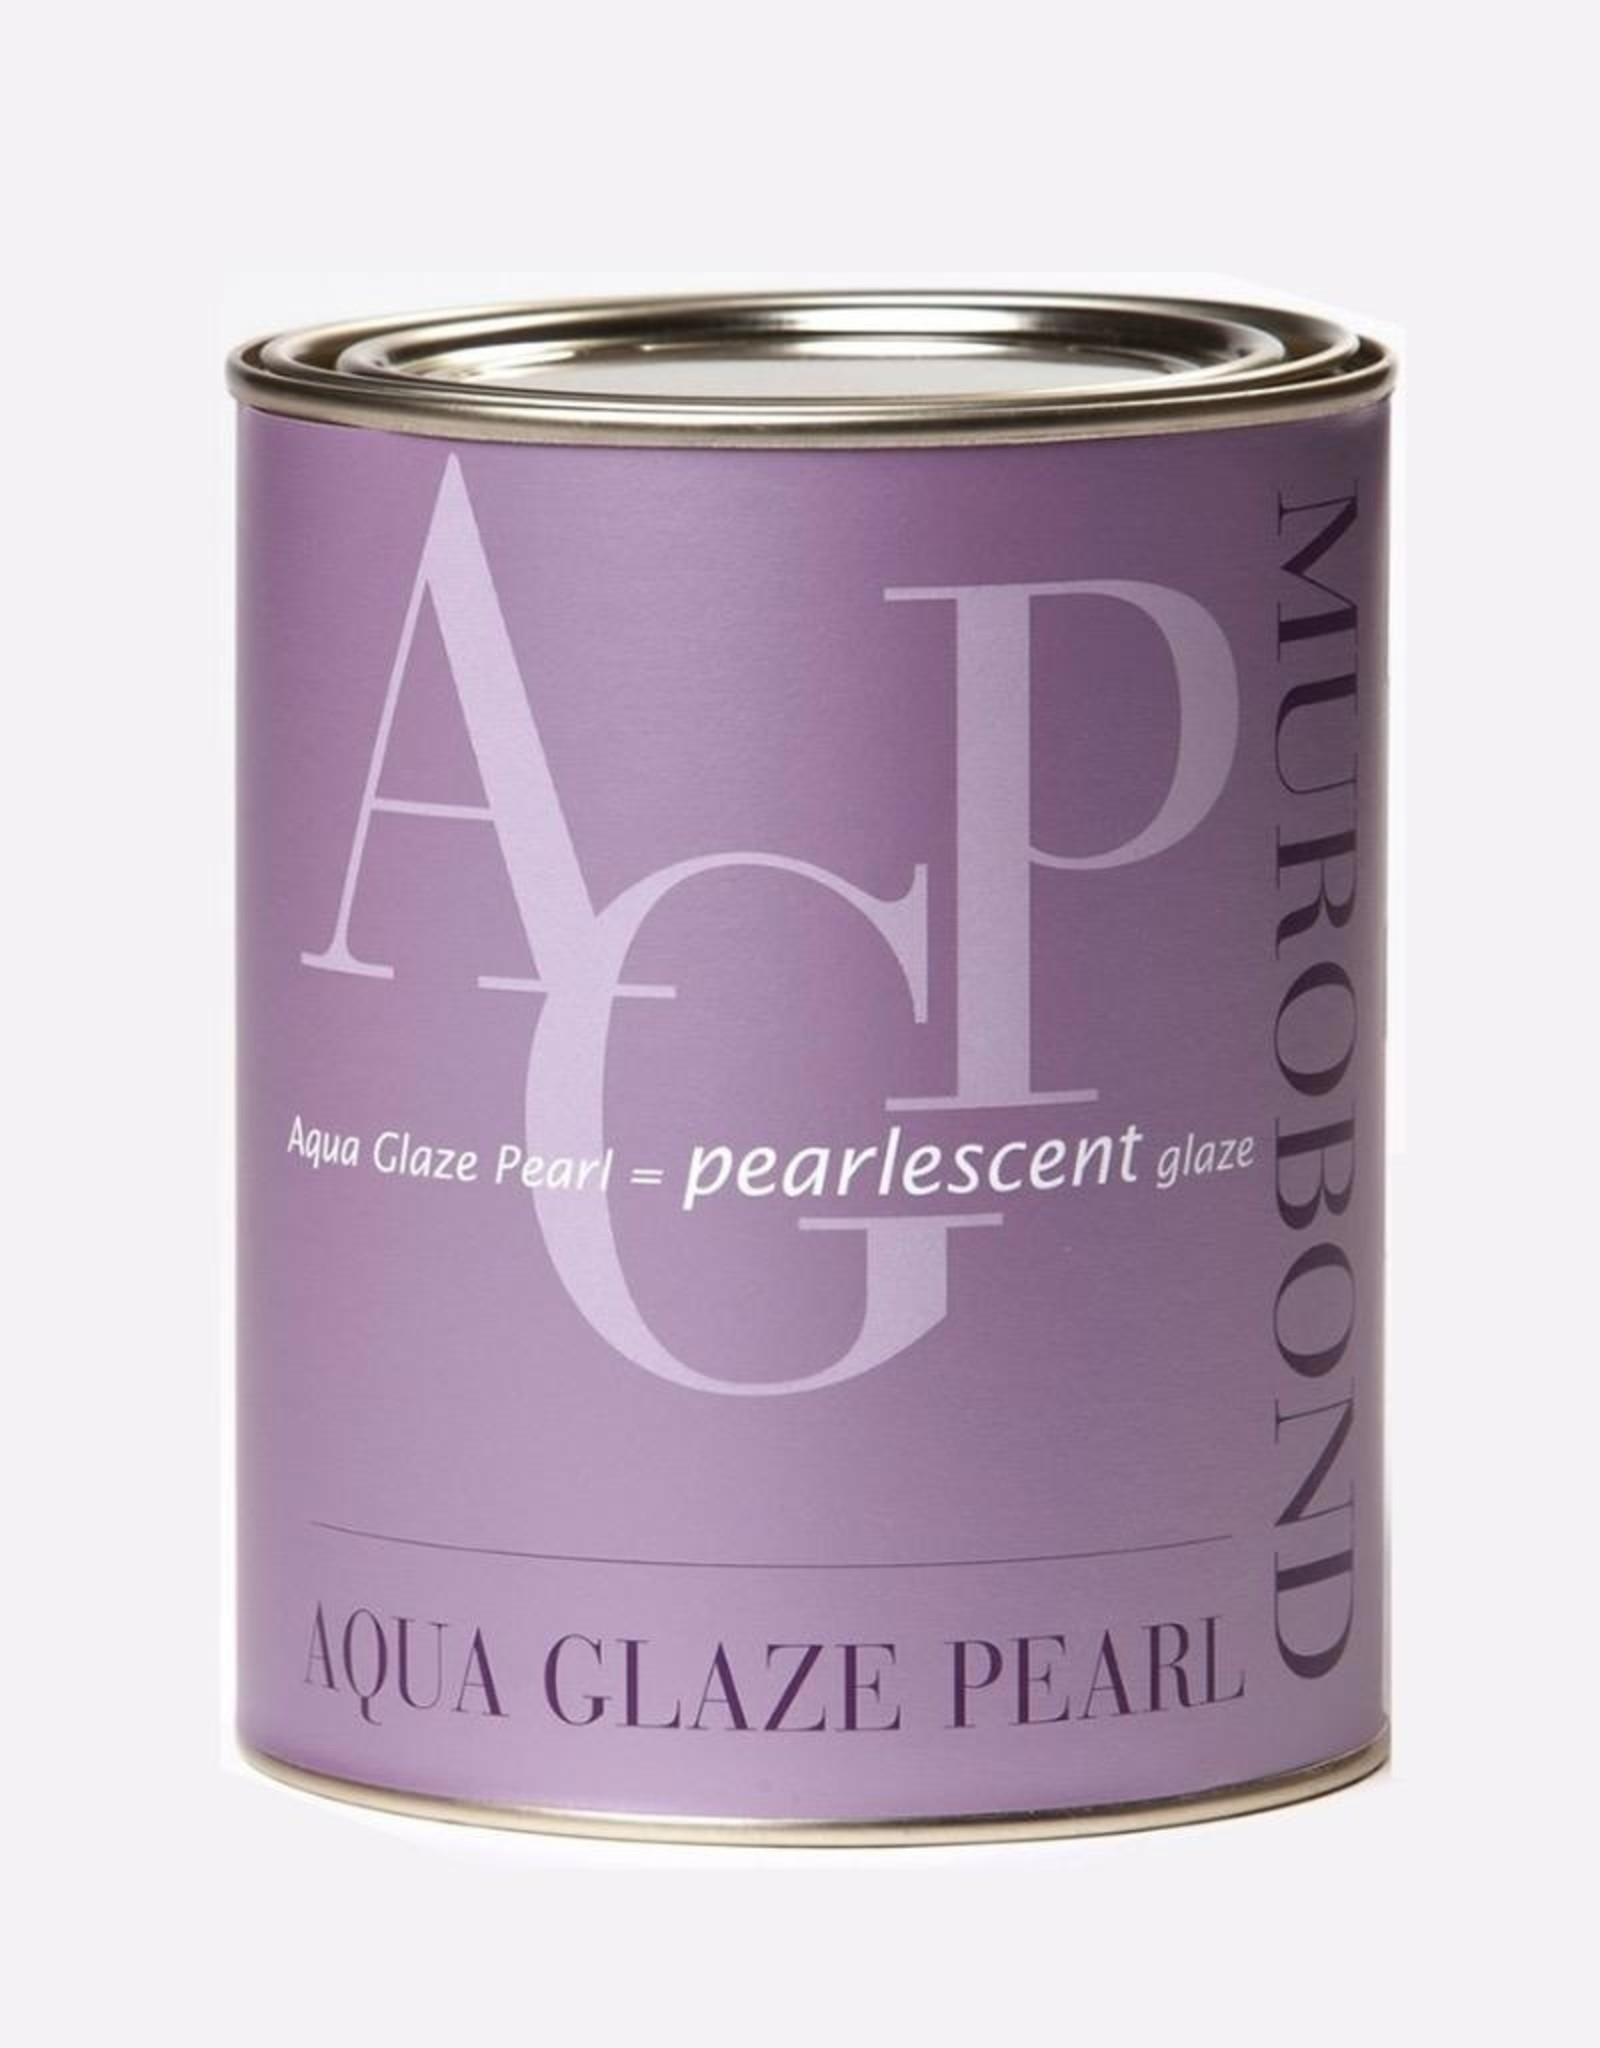 MUROBOND Aqua Glaze Pearl